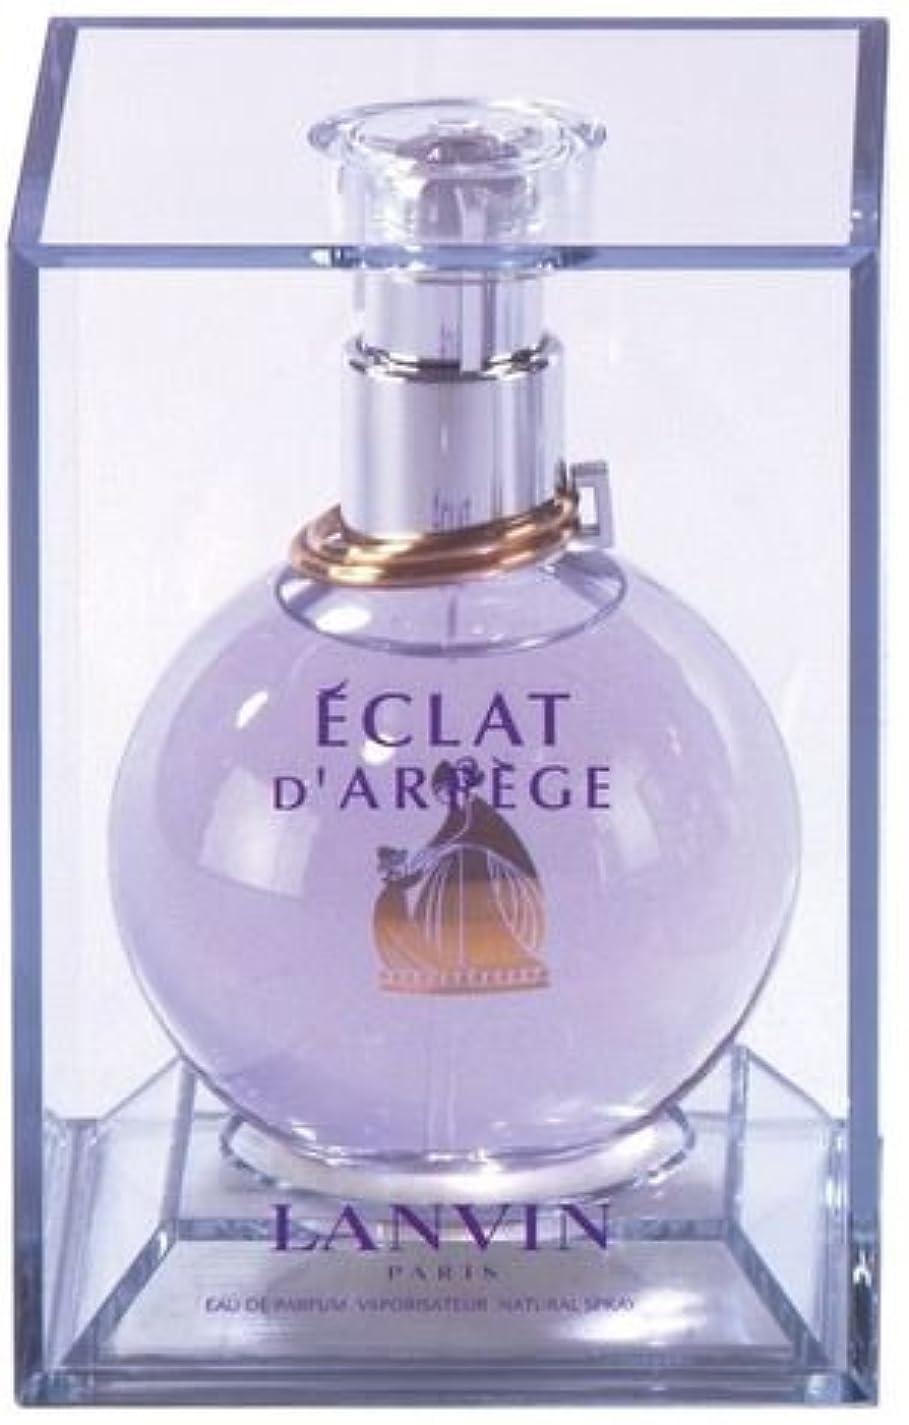 早いパイオセアニアランバン エクラ ドゥ アルページュ オードパルファム EDP 50mL 香水